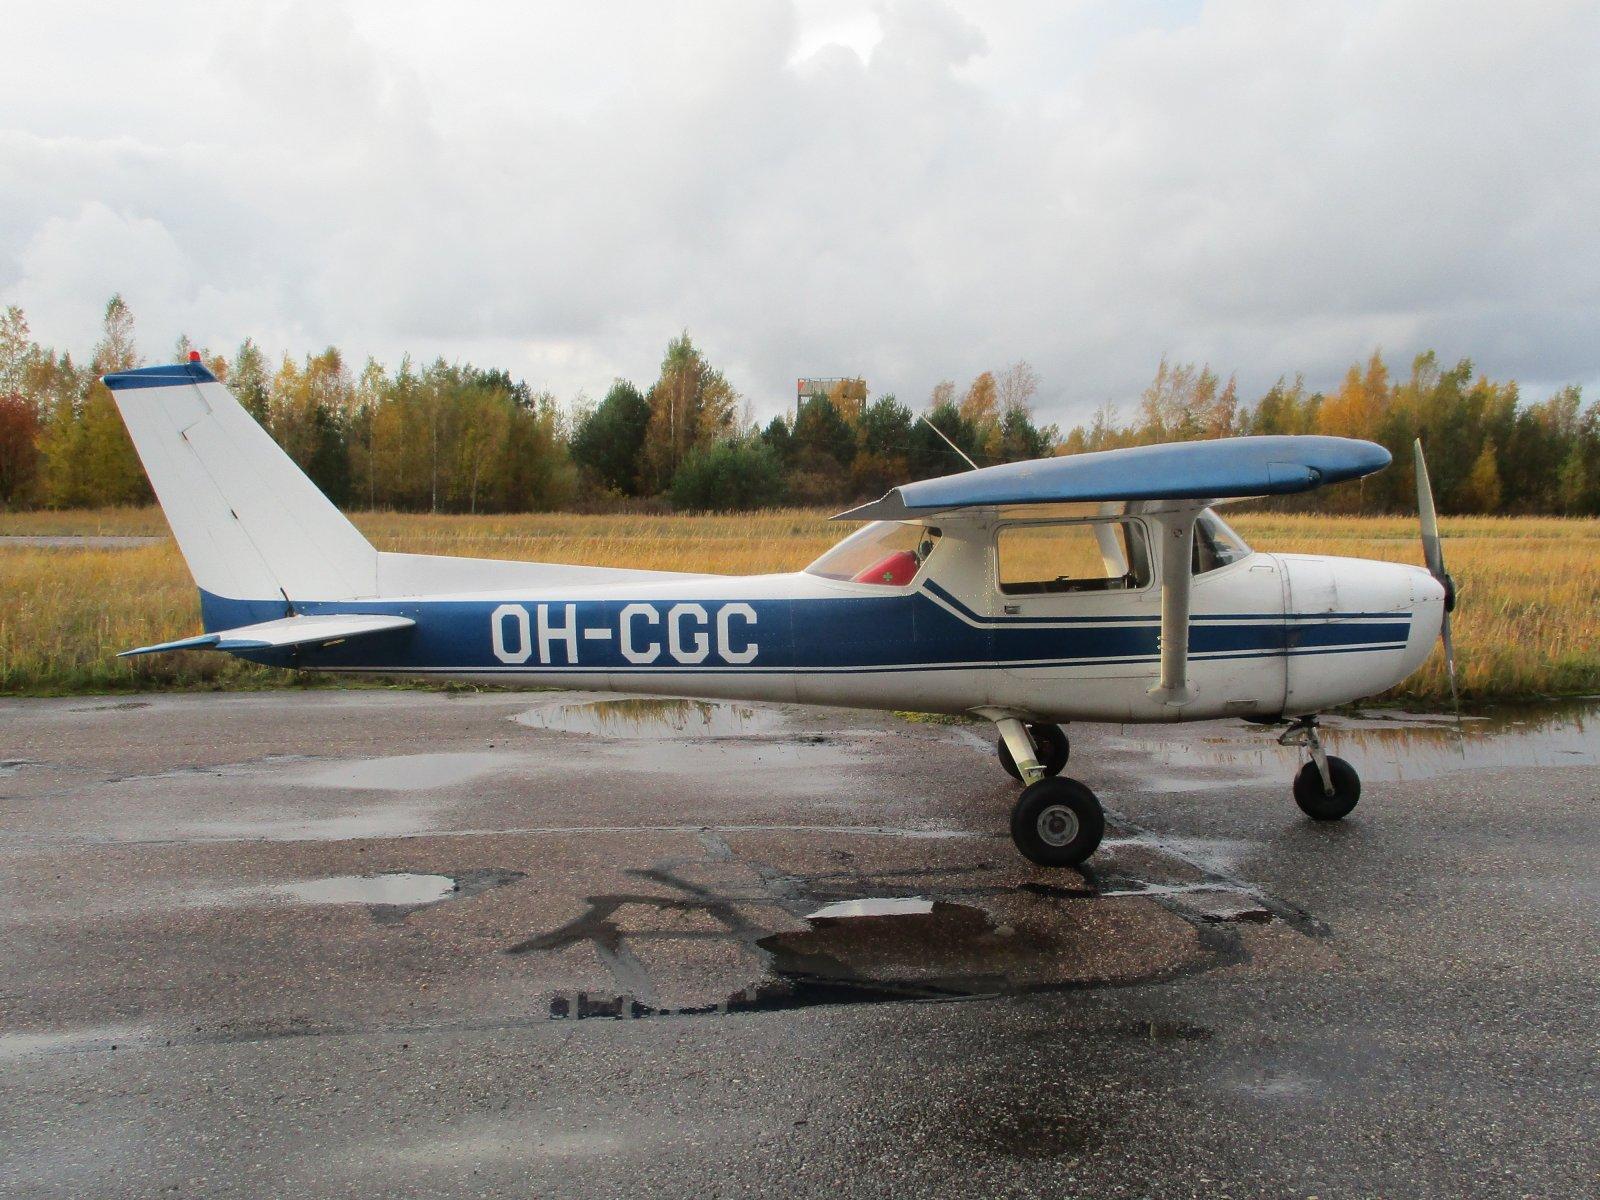 Reims/Cessna F150M OH-CGC EFHN 2019-10-11